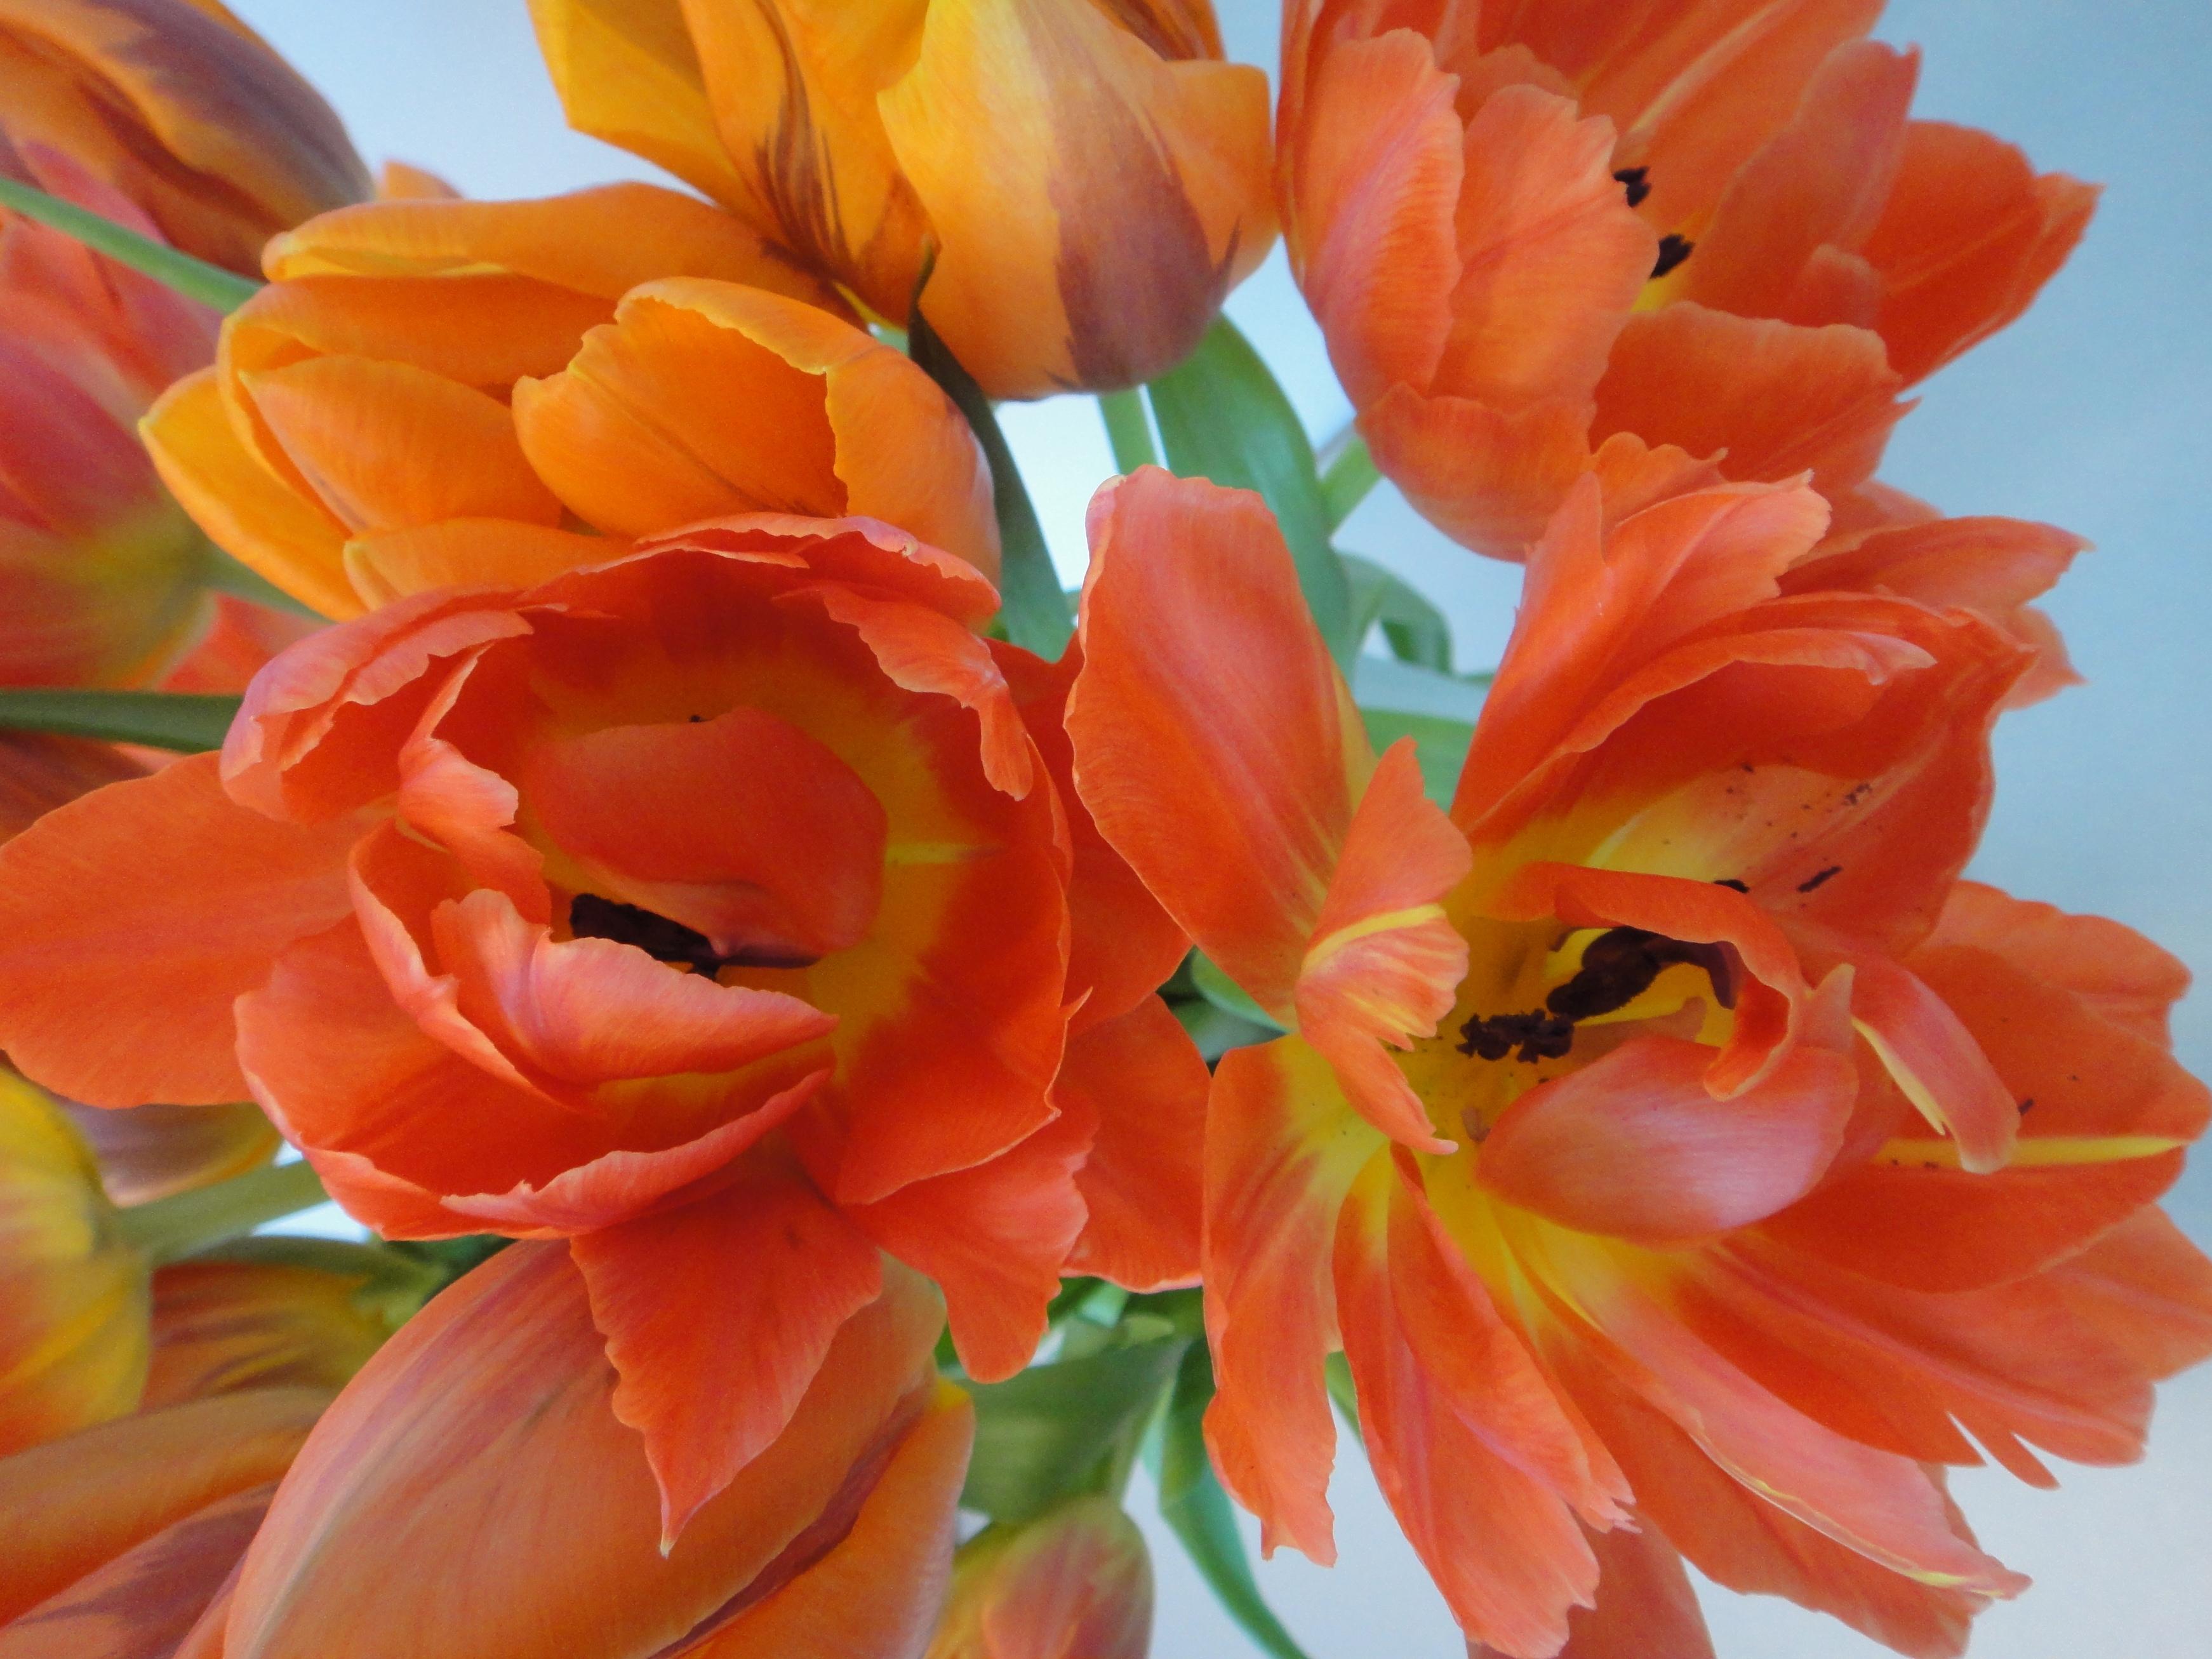 tulips in full bloom - Tulpen in voller Blüte